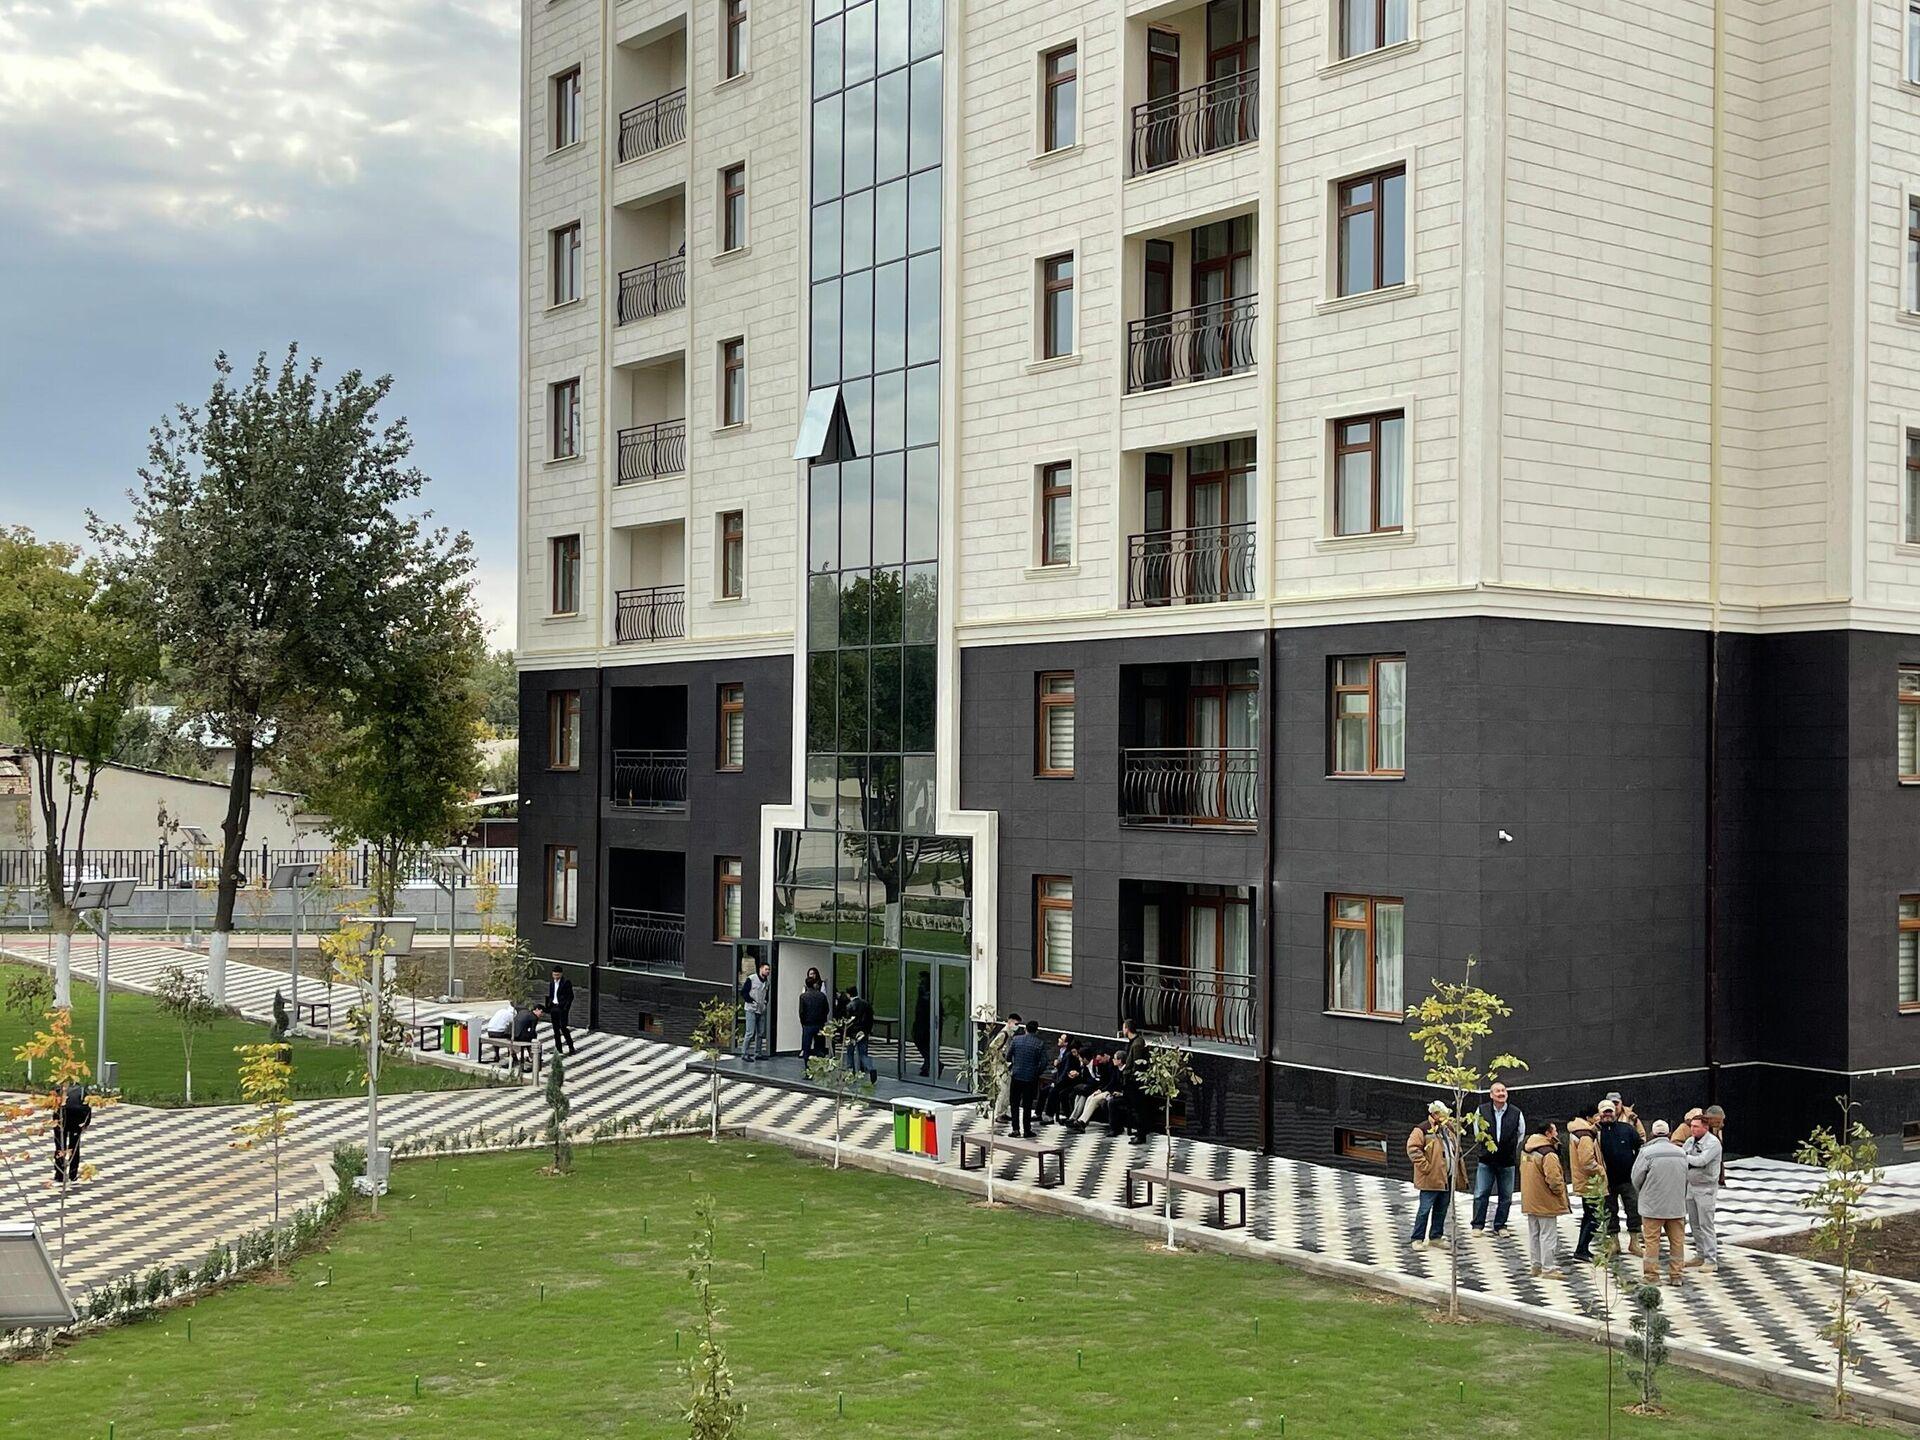 Для студентов ташкентского филиала МИФИ построили общежитие, а для иностранных преподавателей гостиницу квартирного типа - Sputnik Ўзбекистон, 1920, 03.10.2021